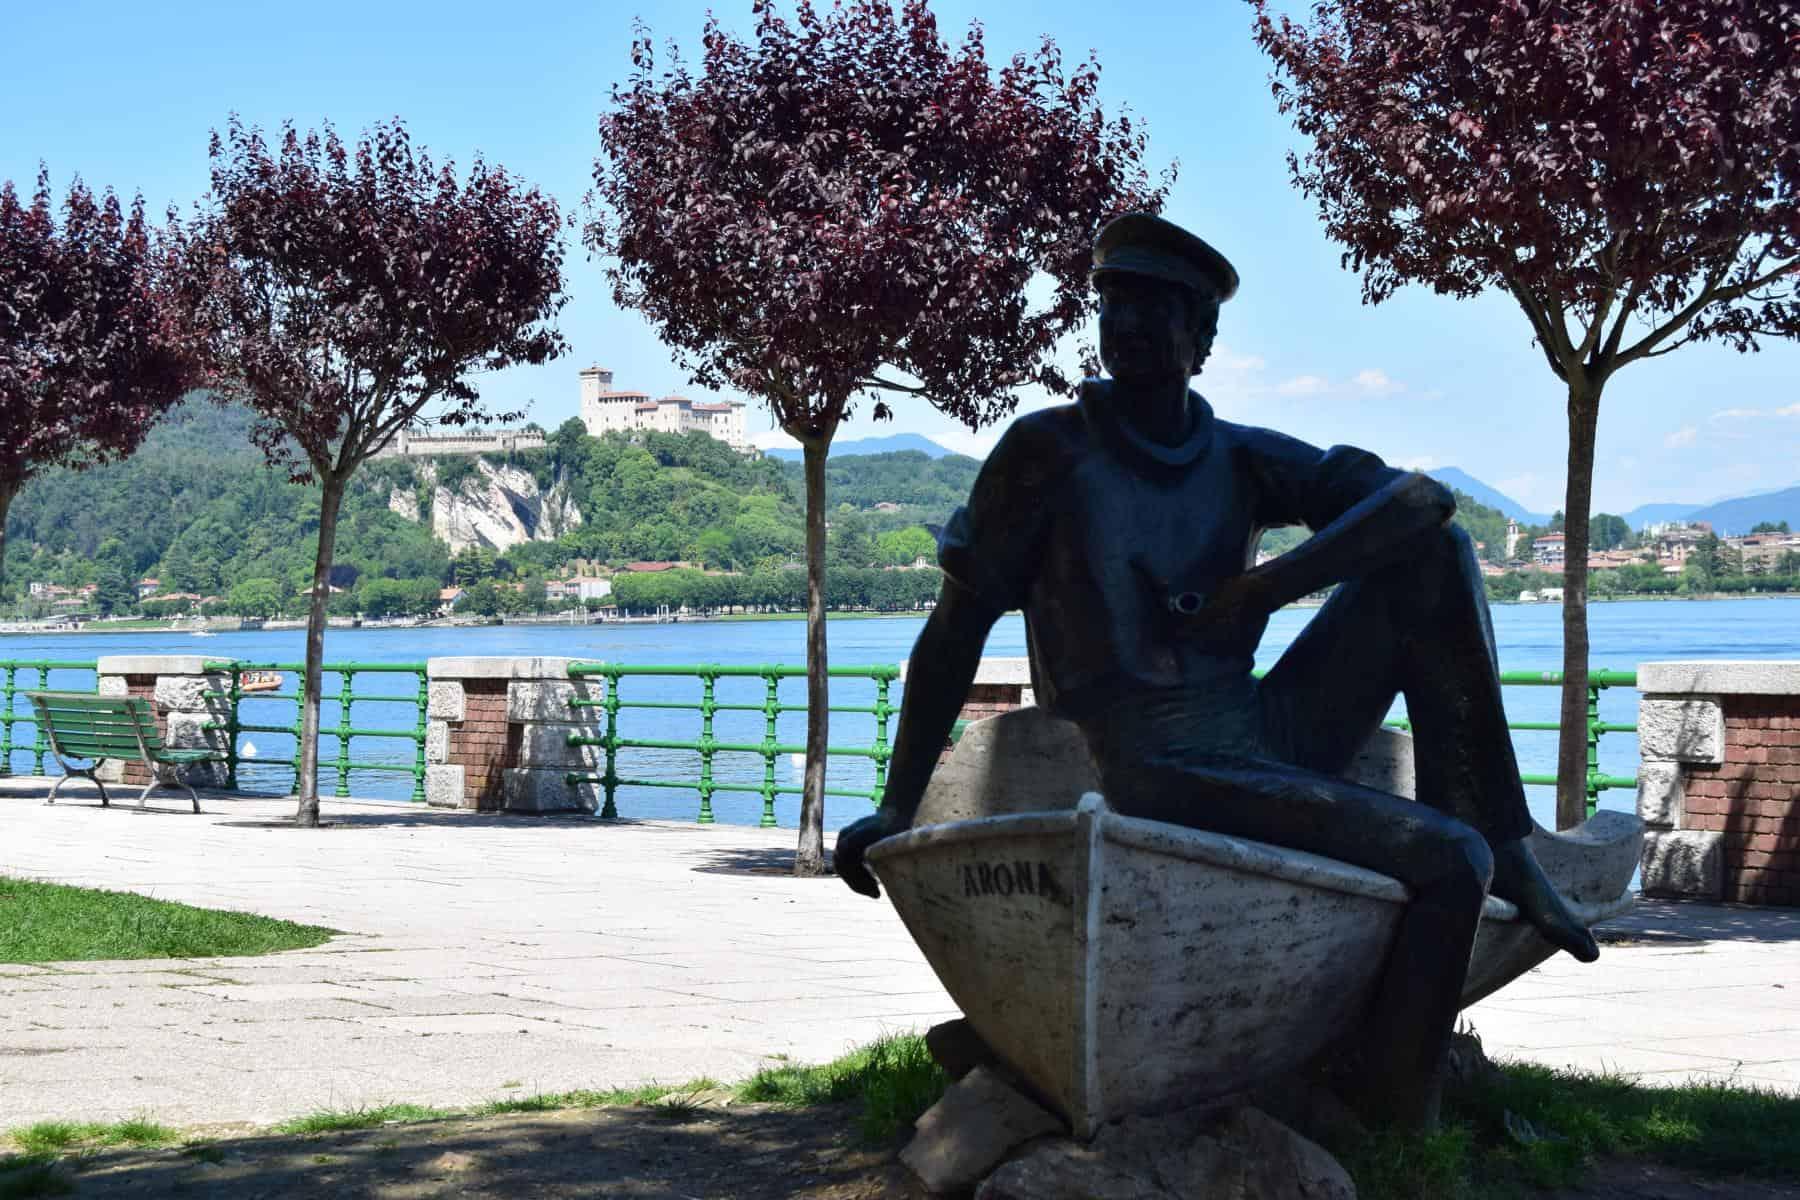 001 Uferpromenade Statue Arona Lago Maggiore Italien